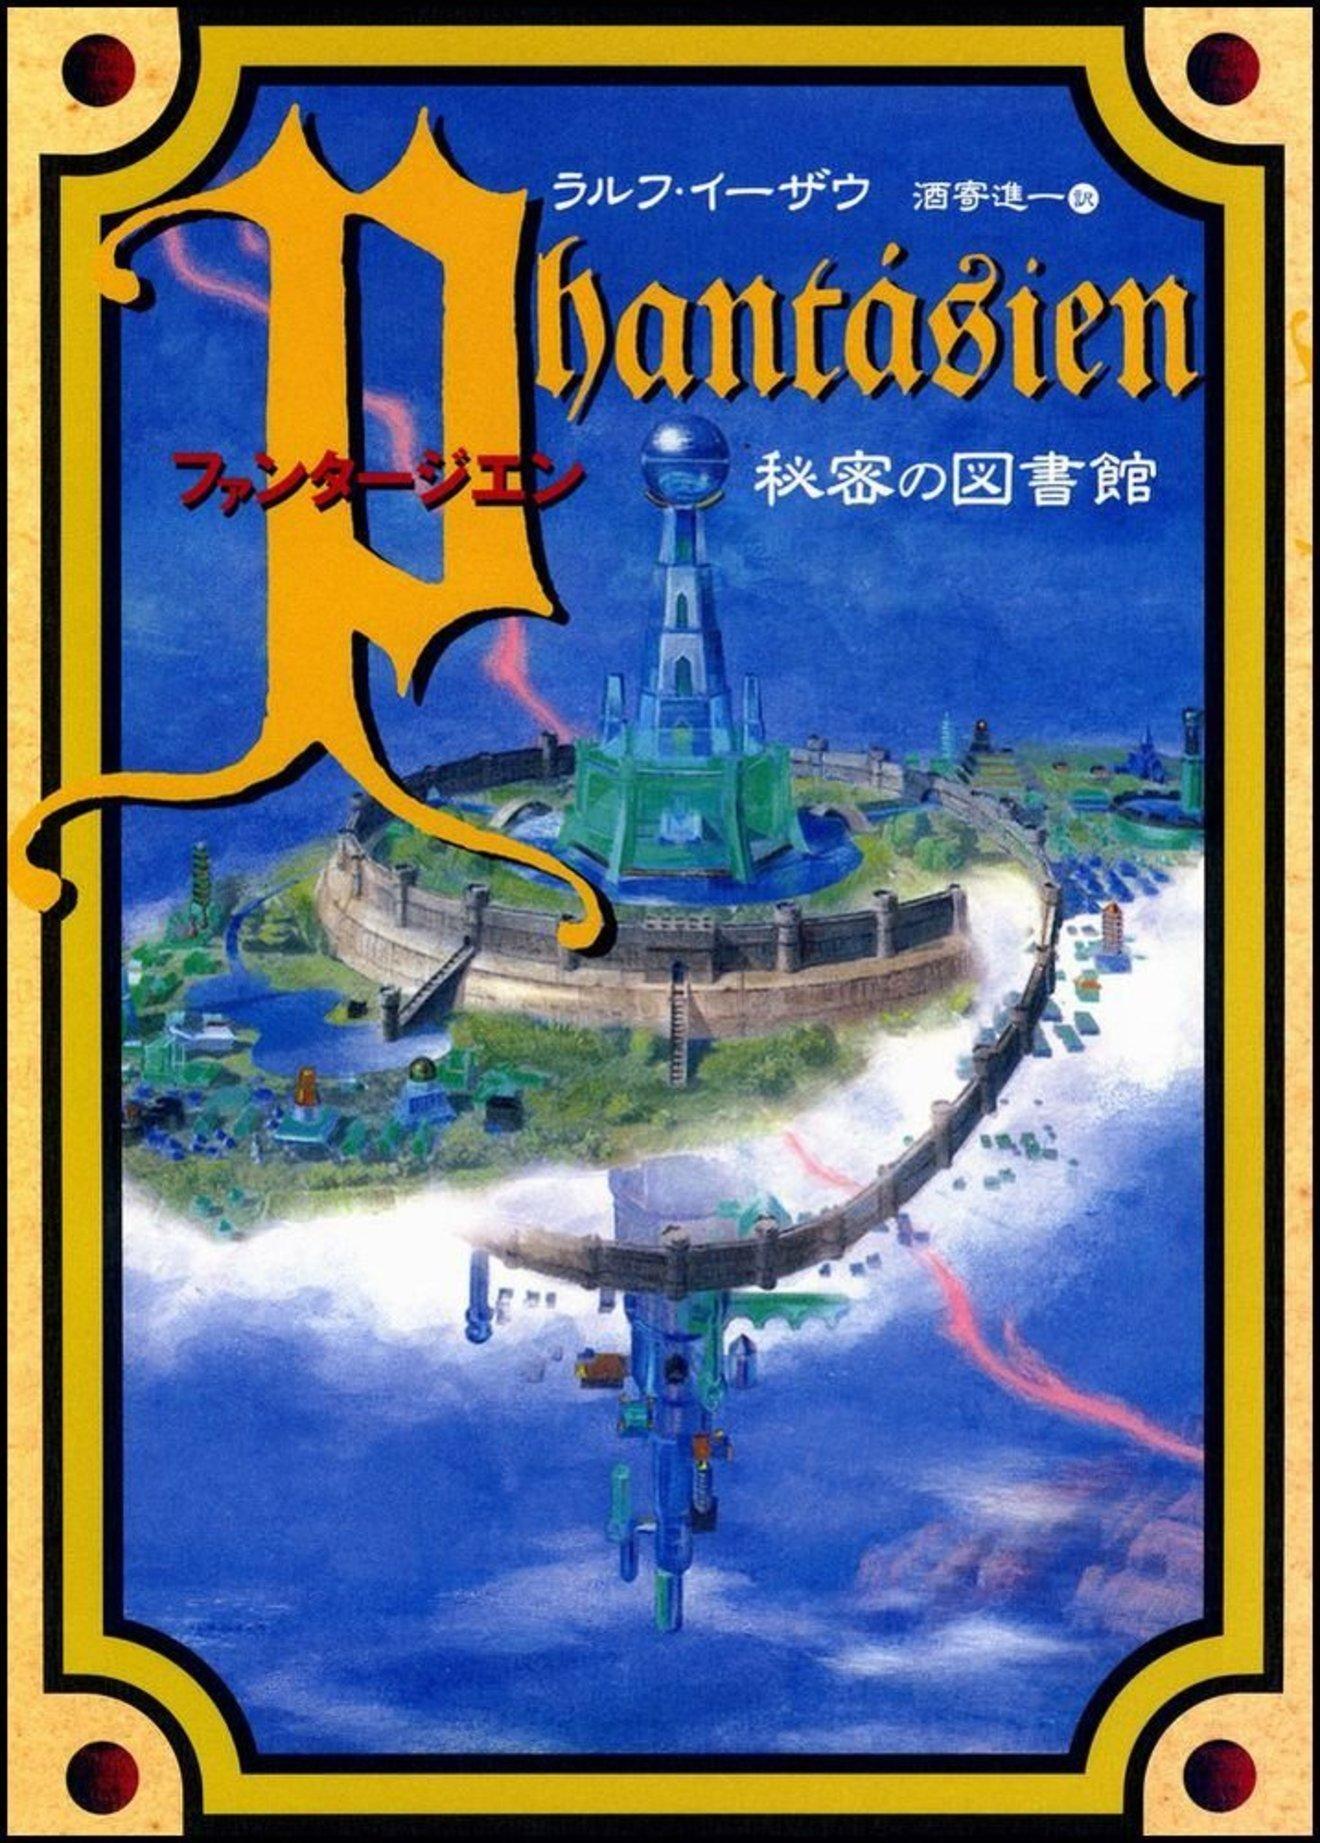 「ファンタージエン」シリーズの魅力を全巻紹介!『はてしない物語』の別の物語